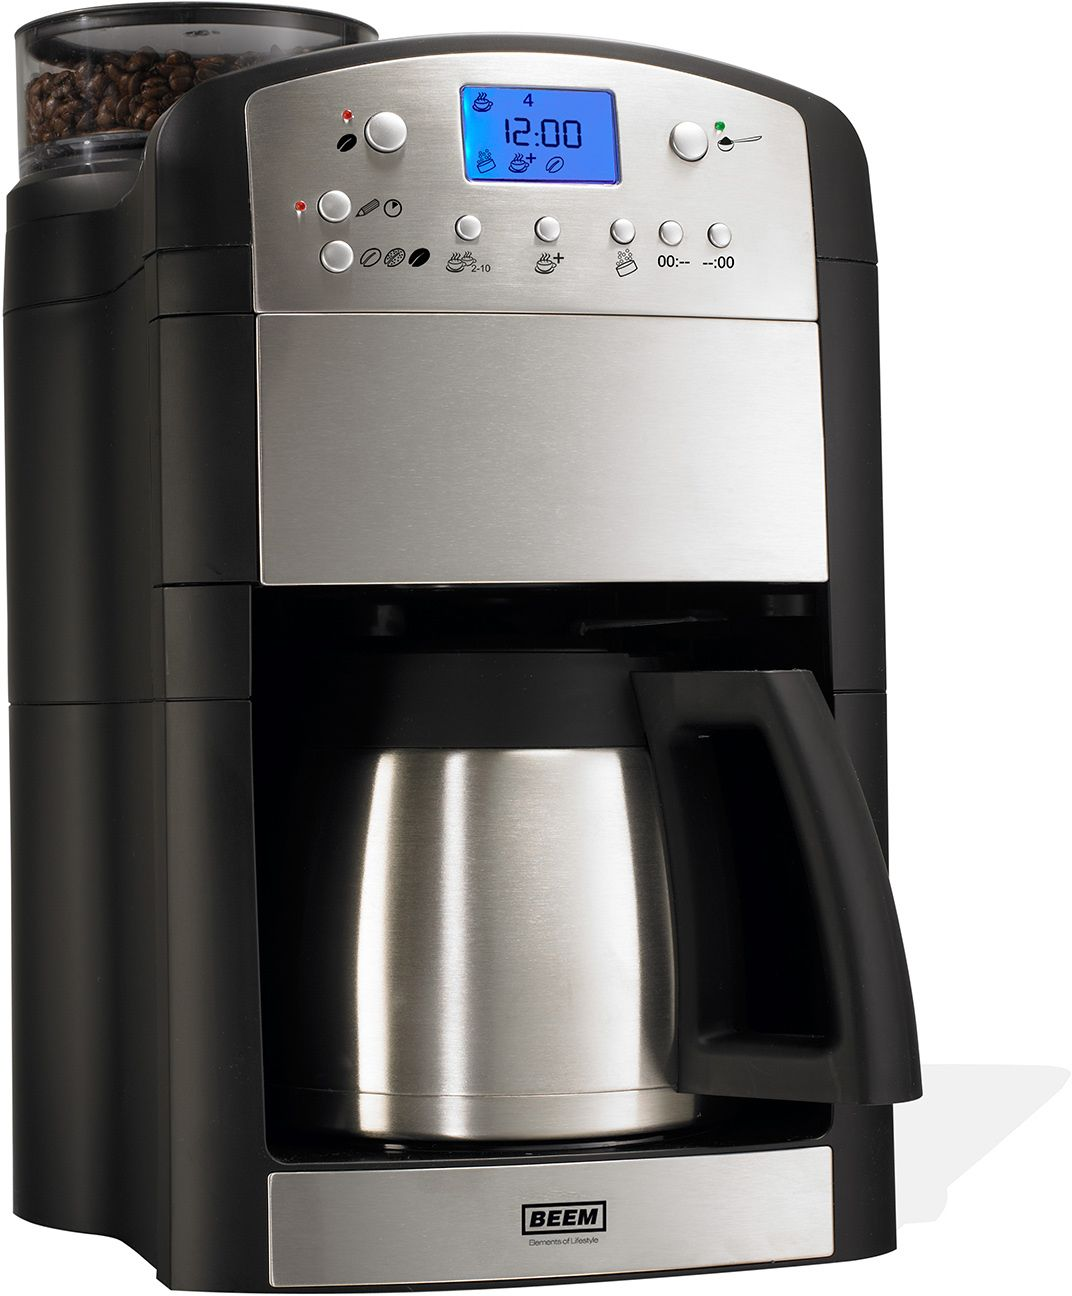 beem kaffeemaschine mit thermokanne und integrierter kaffeem hle schwab versand. Black Bedroom Furniture Sets. Home Design Ideas